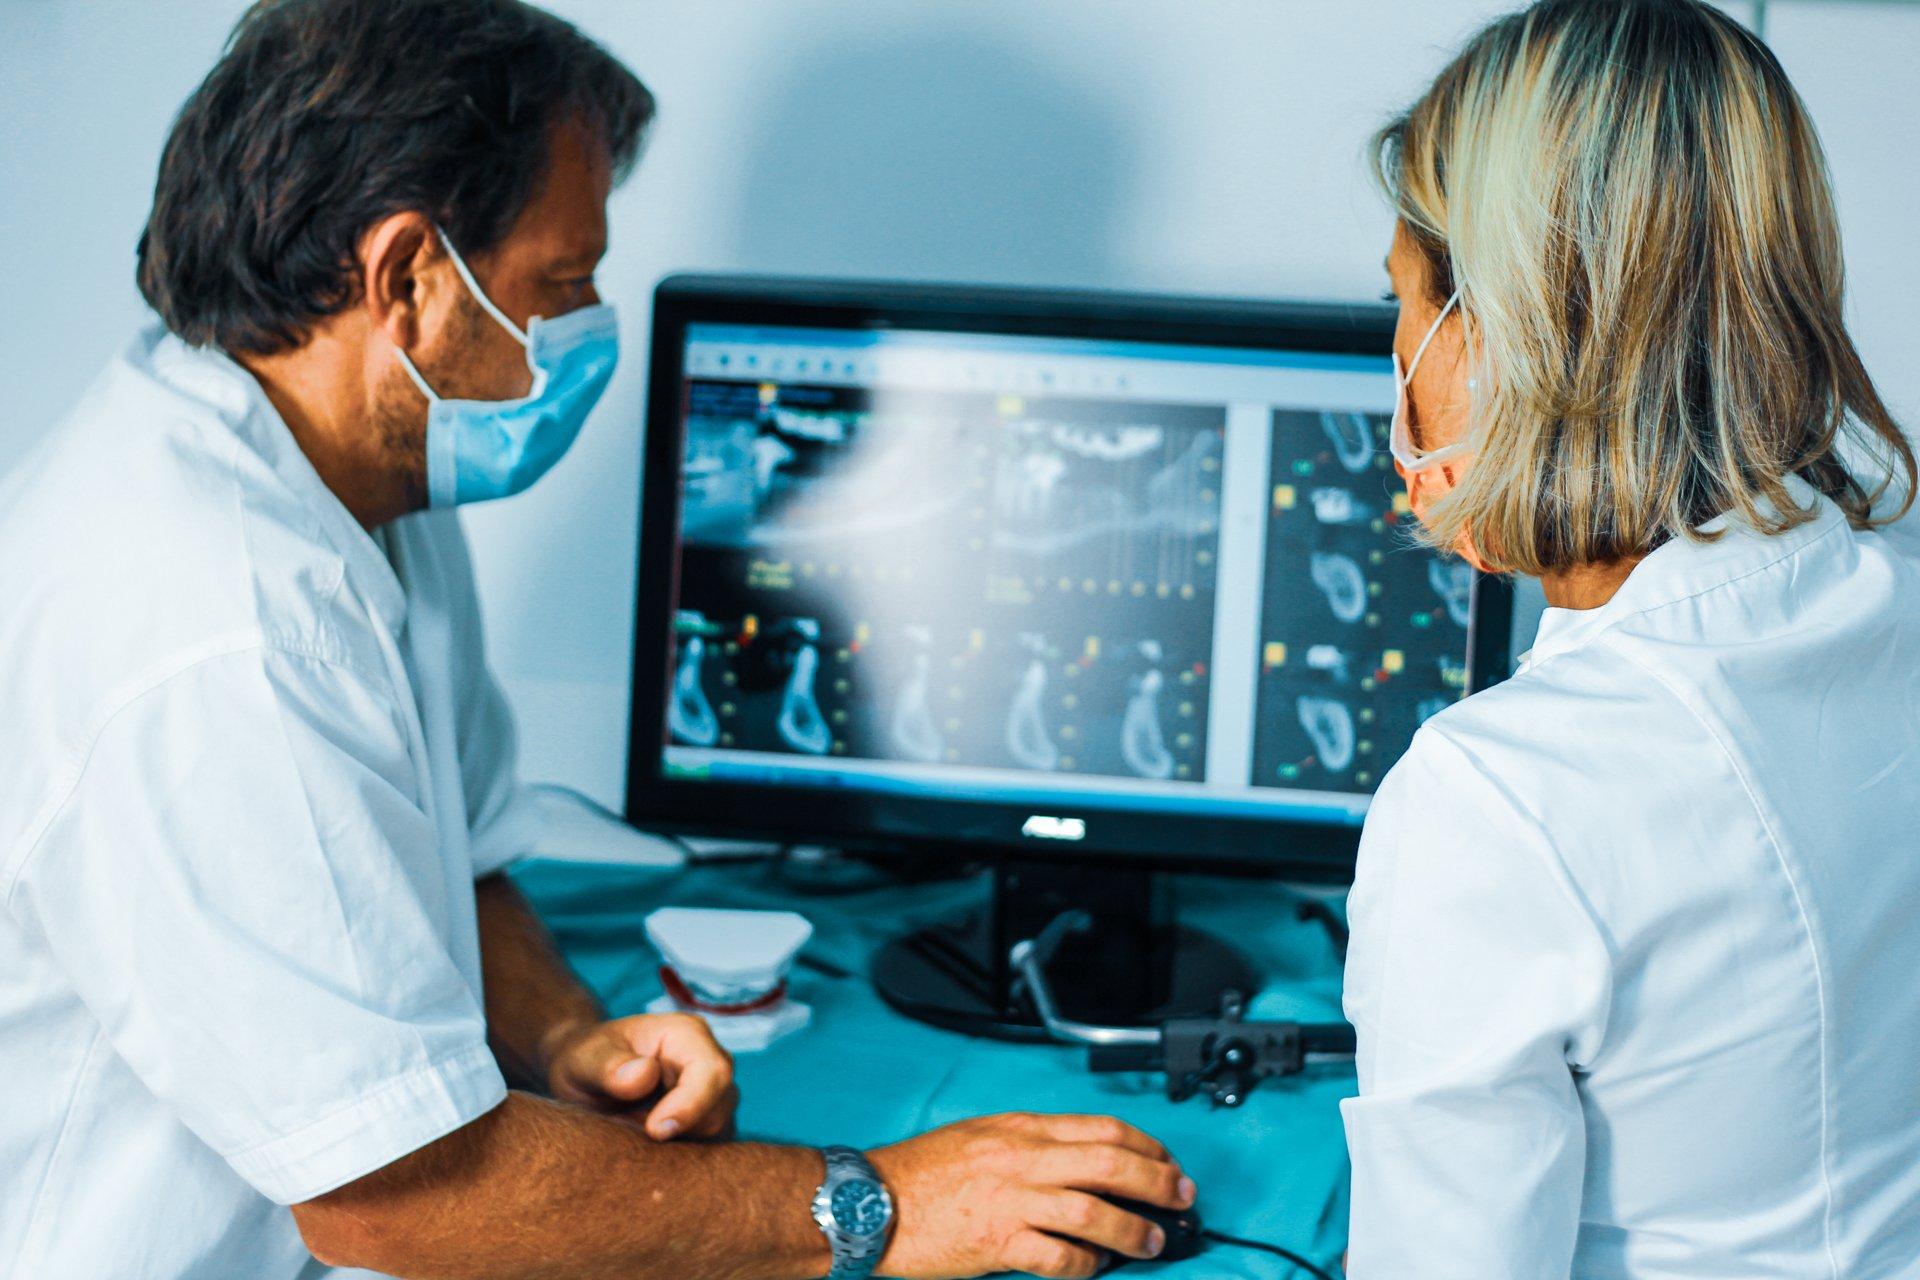 IMG 7458 - Diagnosi 2D e 3D